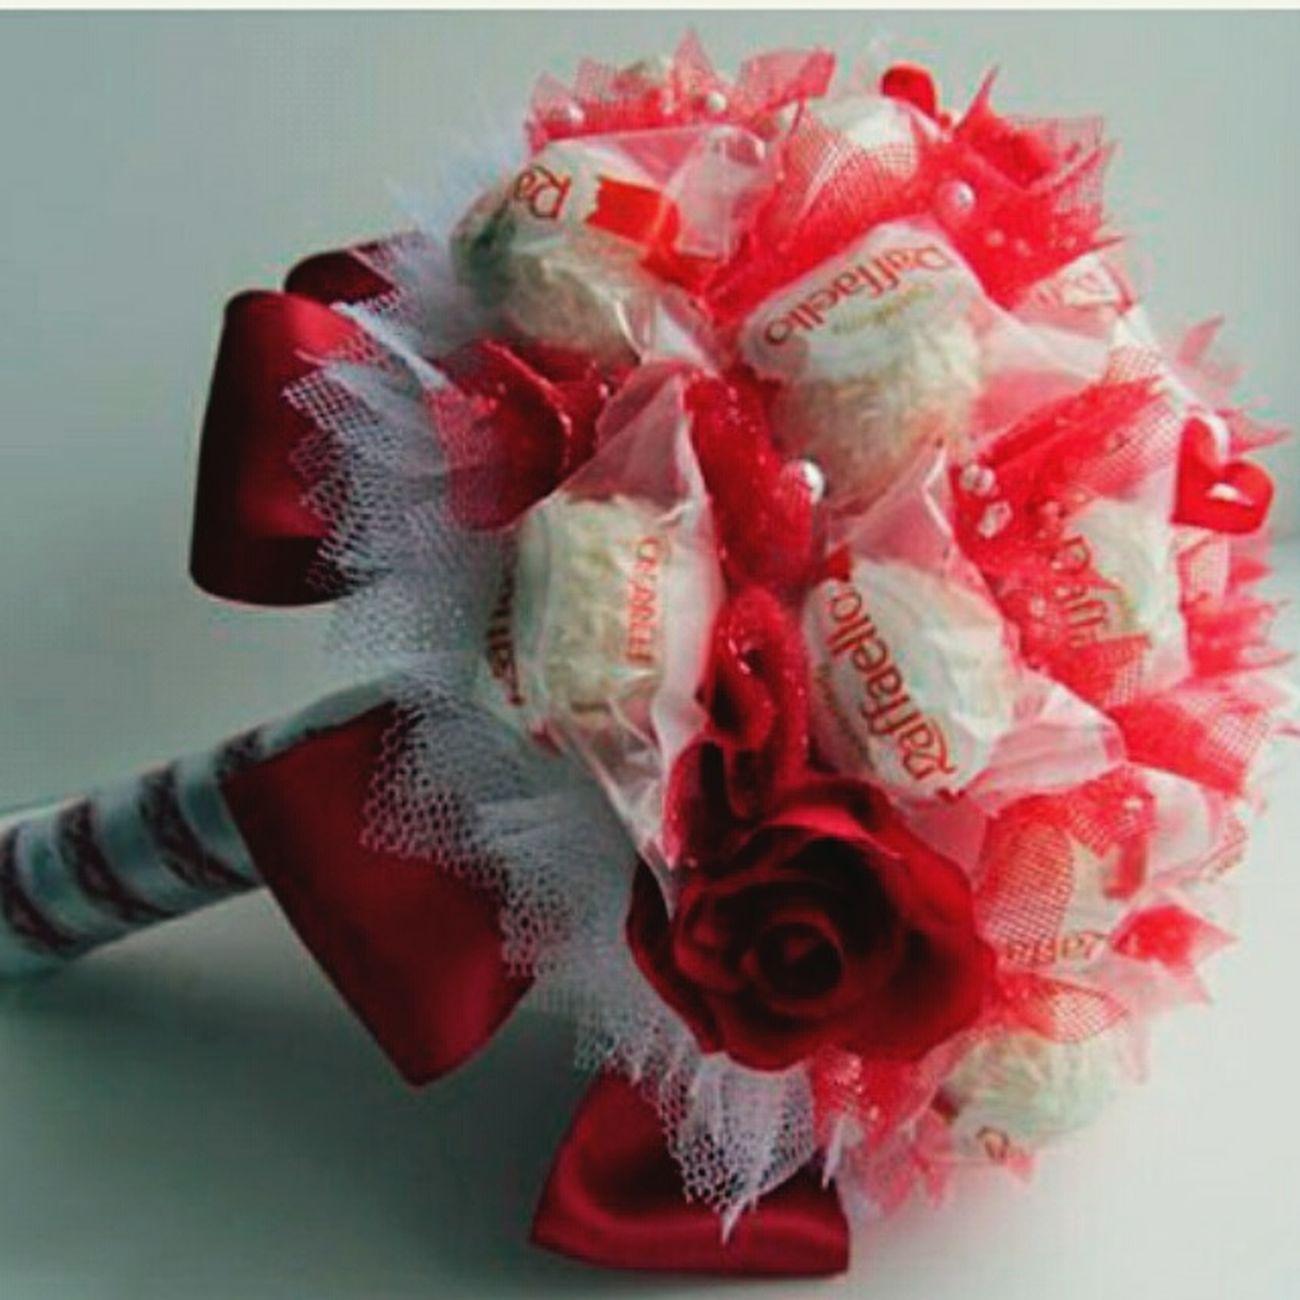 букетизконфет сладость подарок Handmade 8марта длялюбимой Raffaello Konfetka конфетка First Eyeem Photo